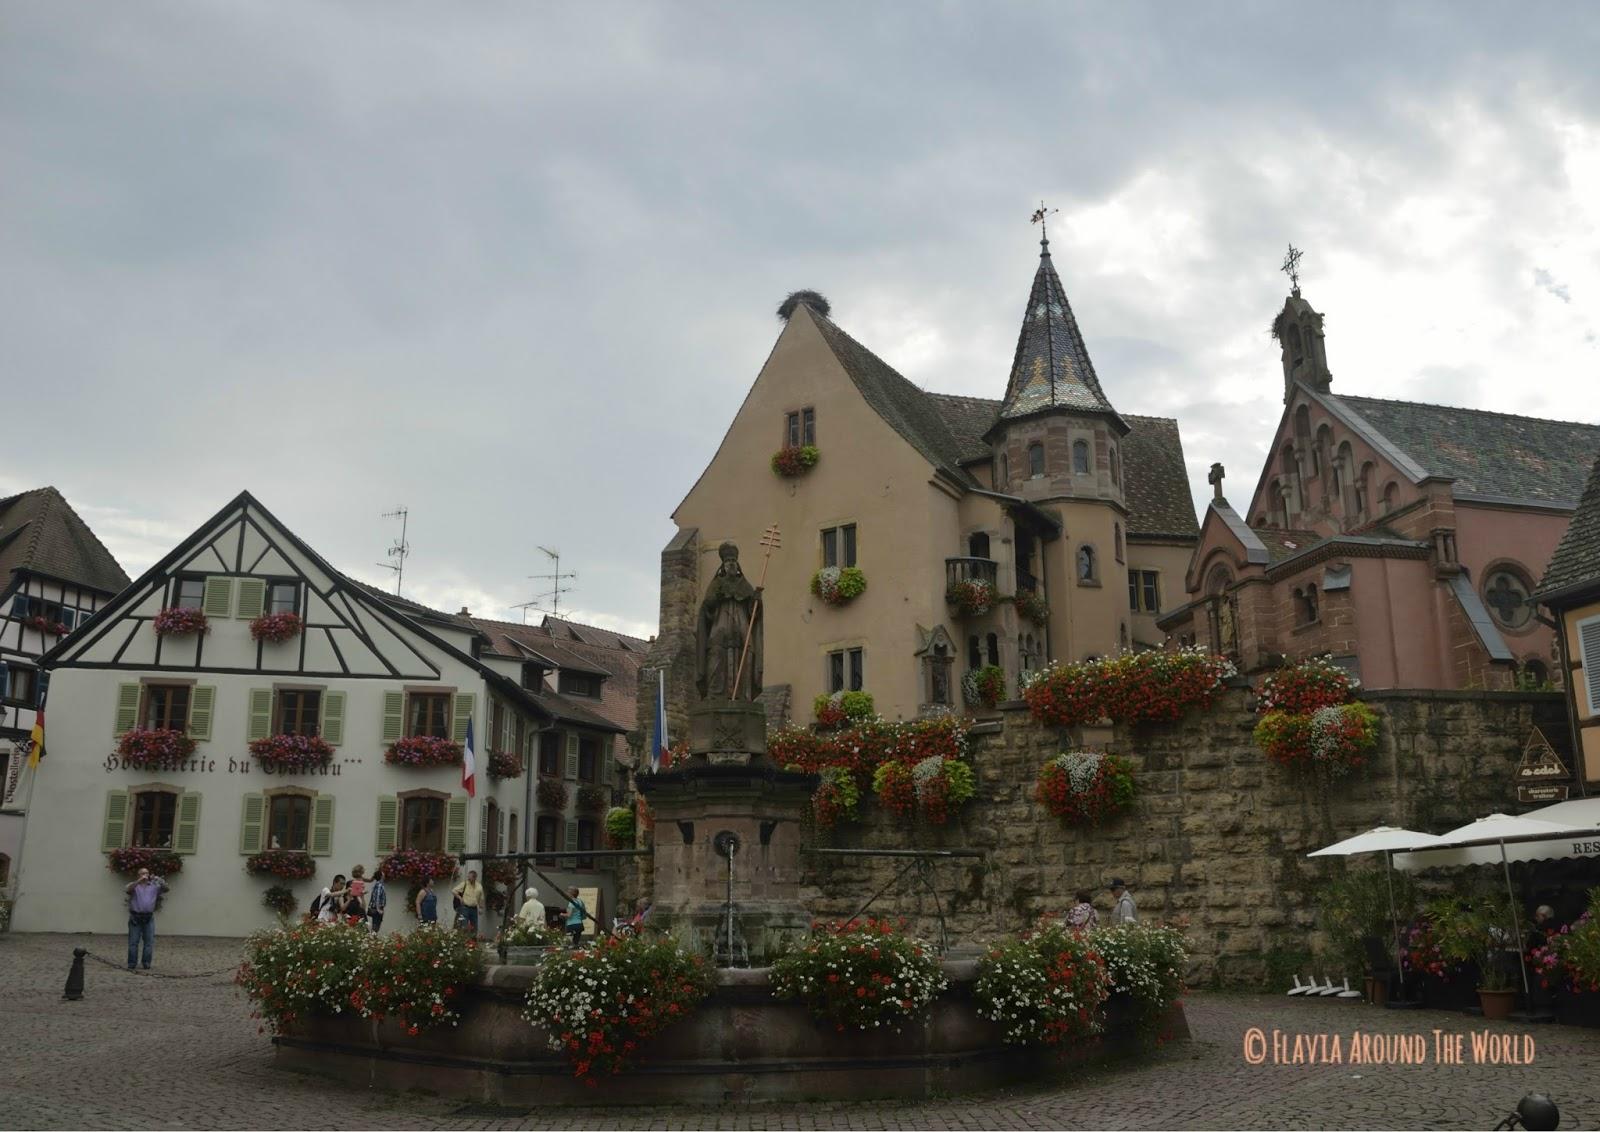 Plaza principal de Eguisheim con la fuente renacentista y la iglesia de san Pedro y san Pablo en Eguisheim